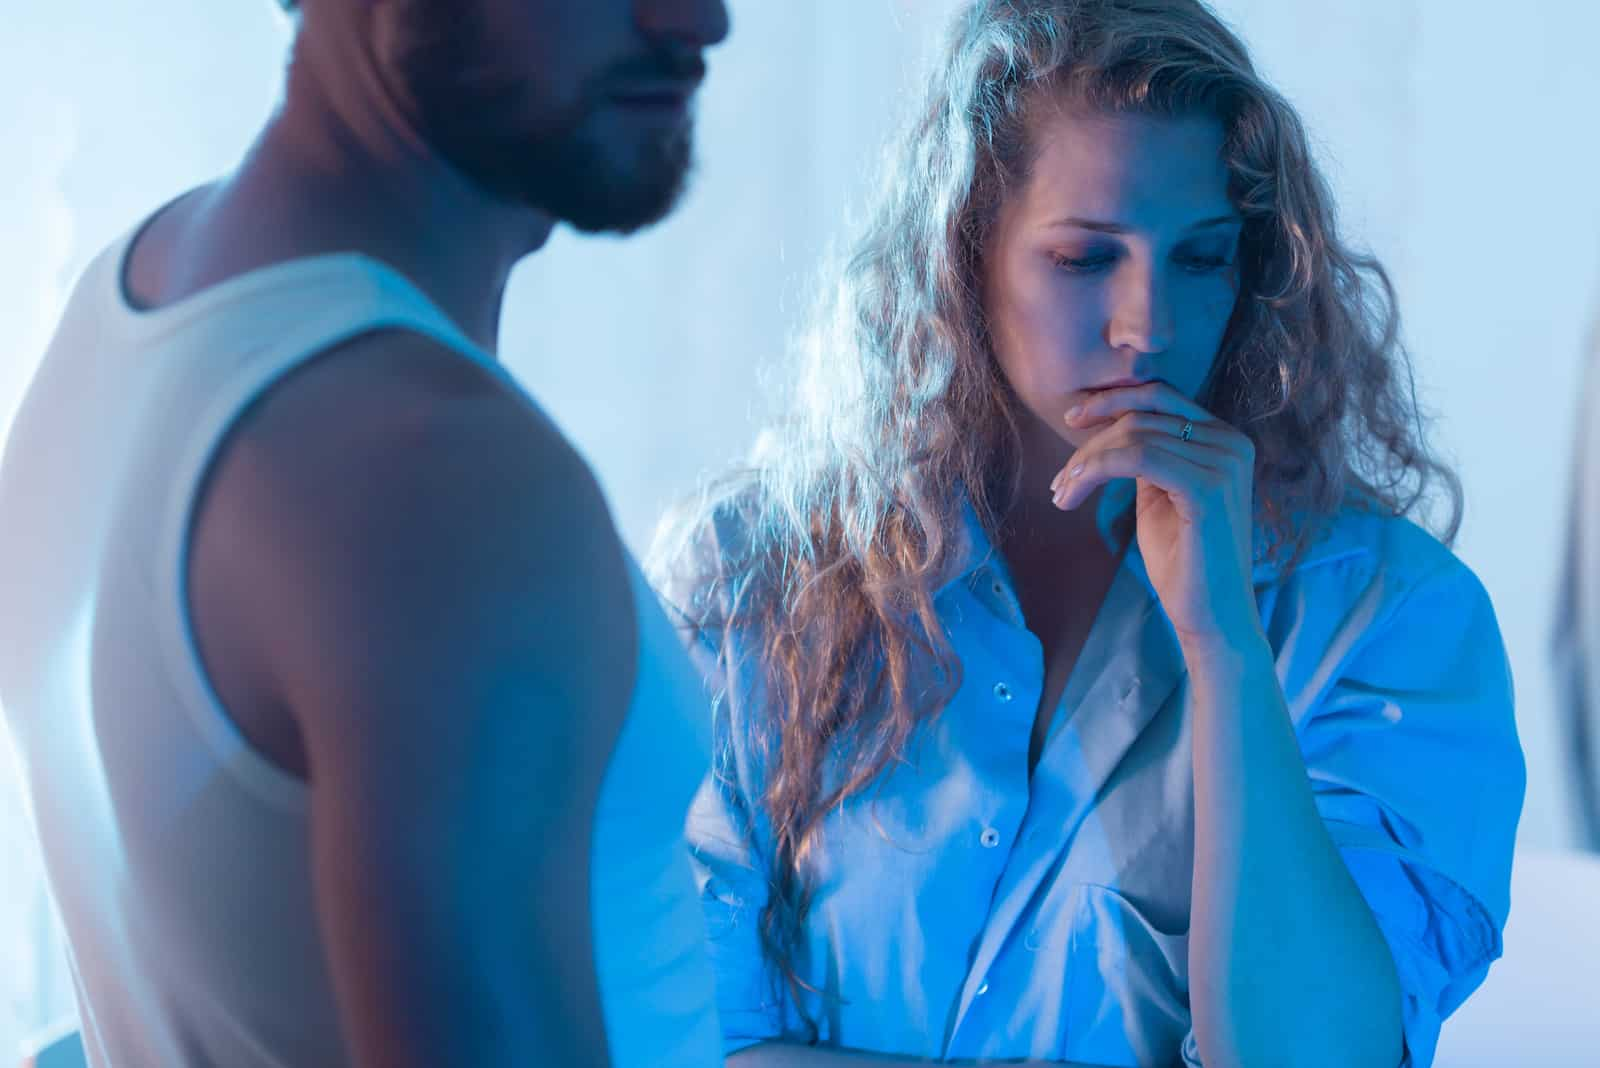 ein Porträt eines streitenden Liebespaares